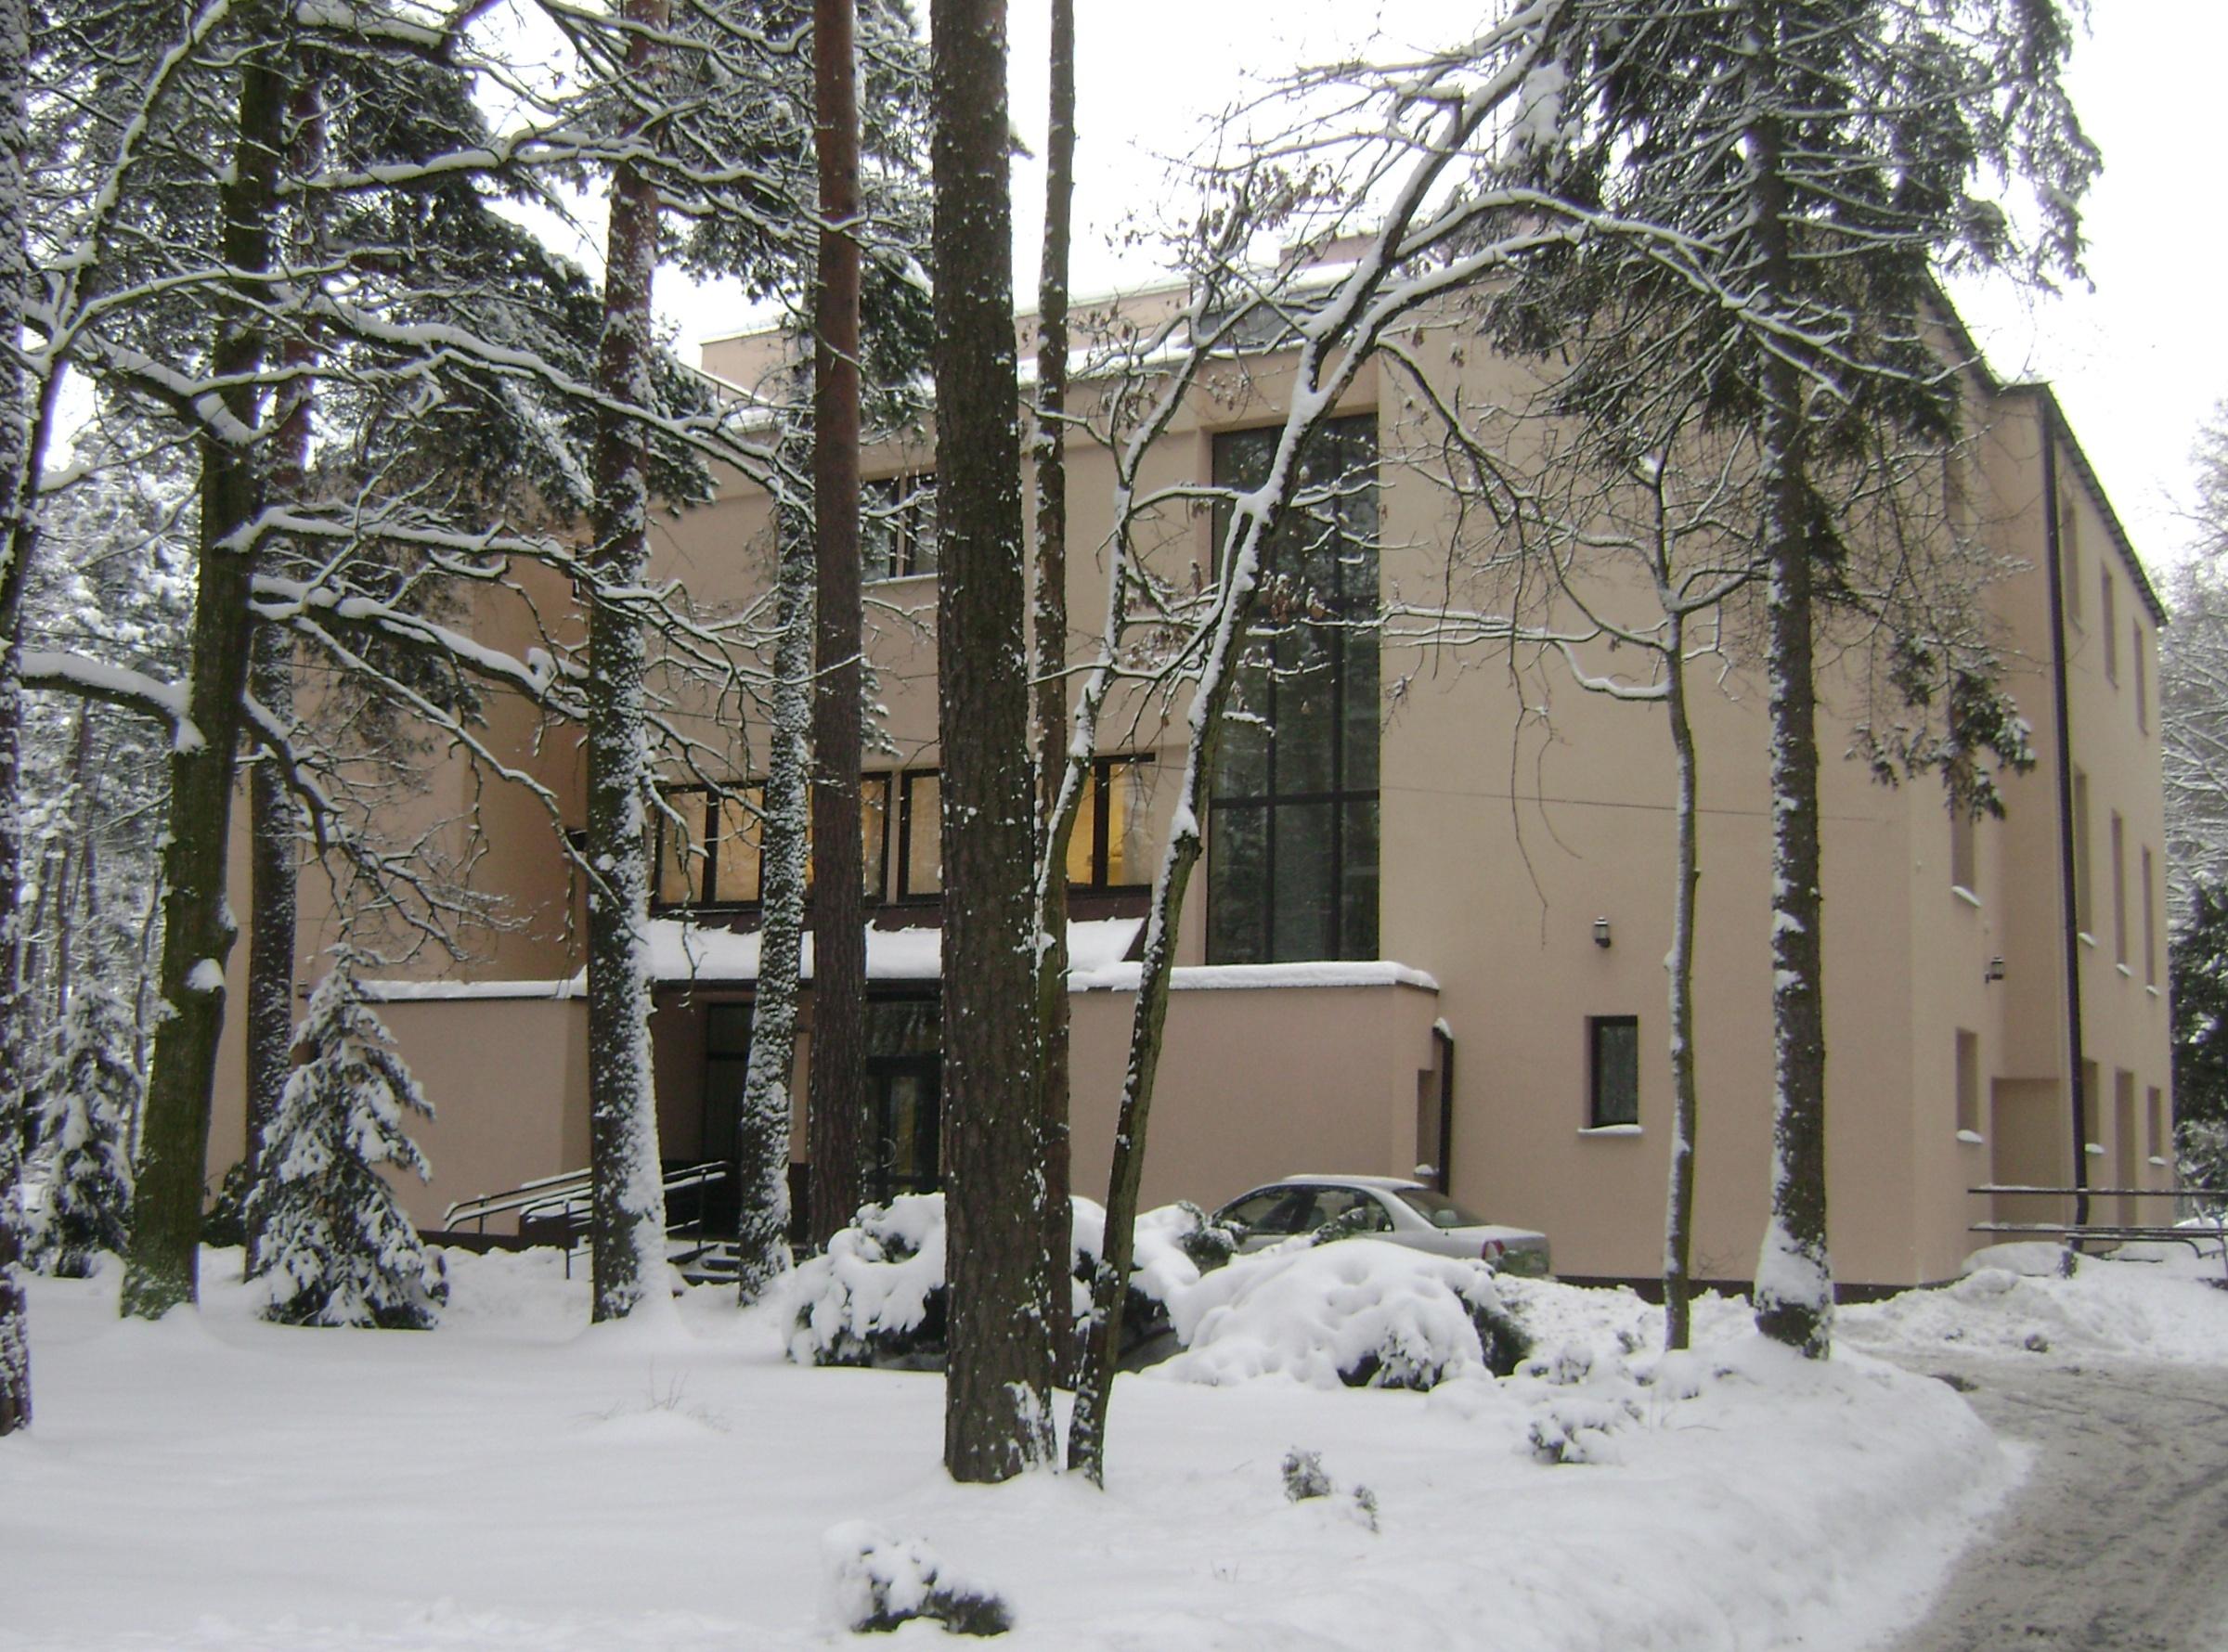 Szpital Rehabilitacji Kardiologicznej w Konstancinie Jeziornie przy ulicy Gąsiorowskiego, 2010, fot. Albert Jankowski